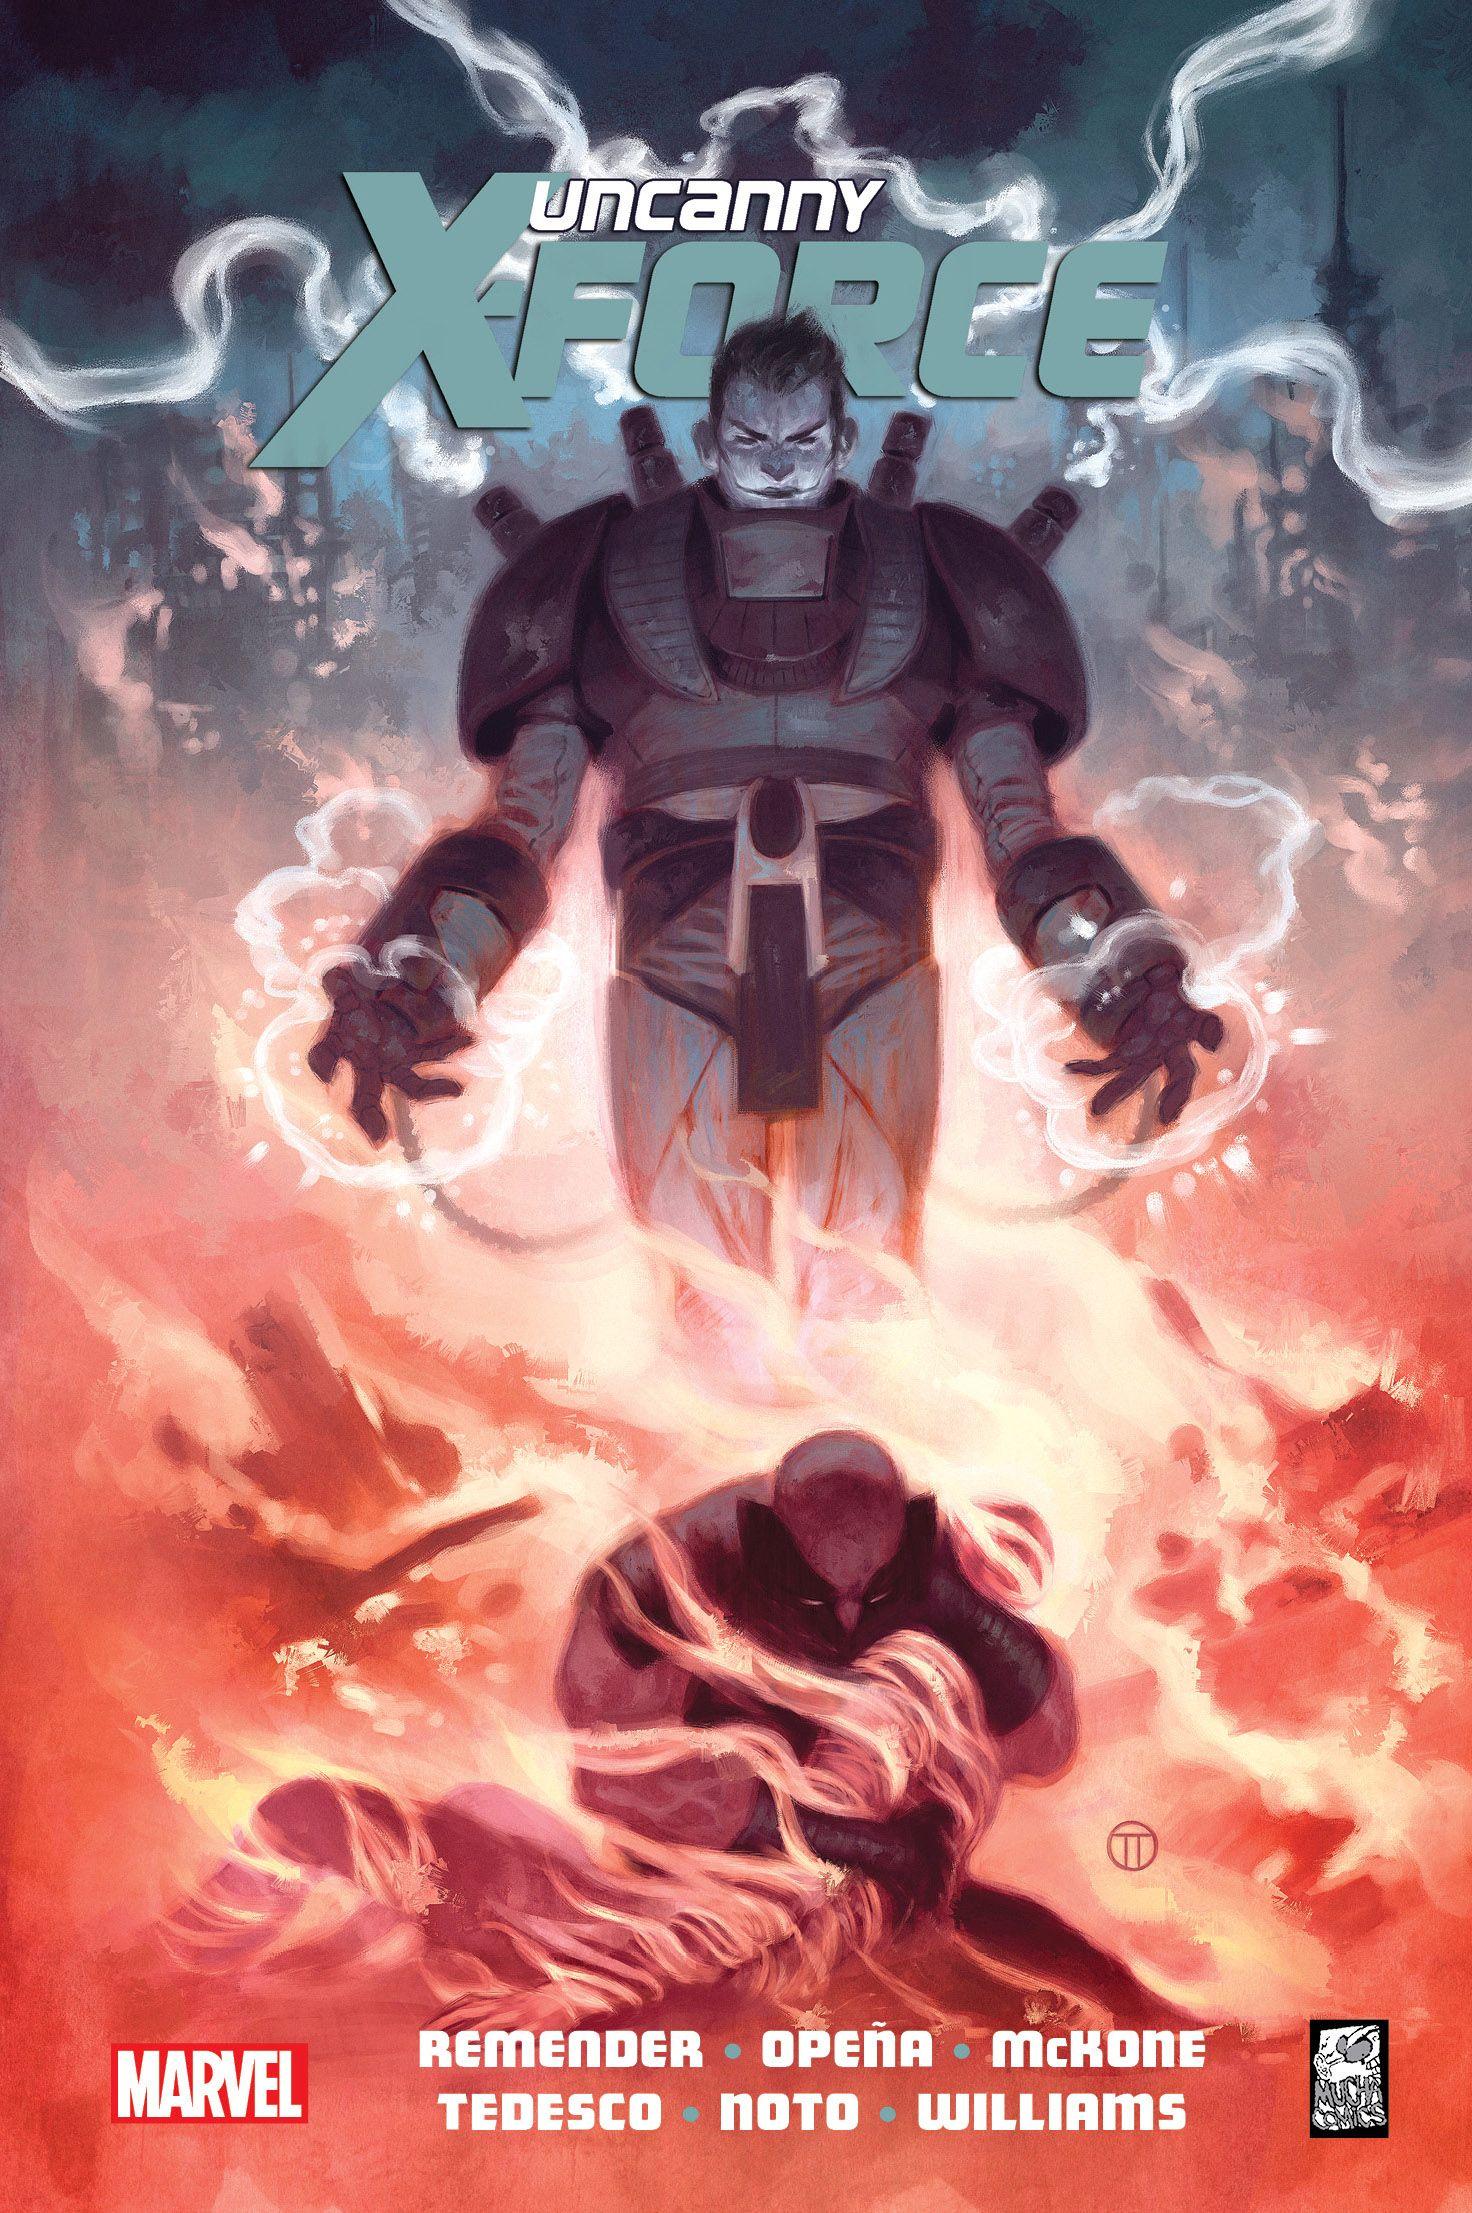 Uncanny X-Force. Ostateczna Egzekucja - okładka                                                                                 Uncanny X-Force. Ostateczna Egzekucja - okładka